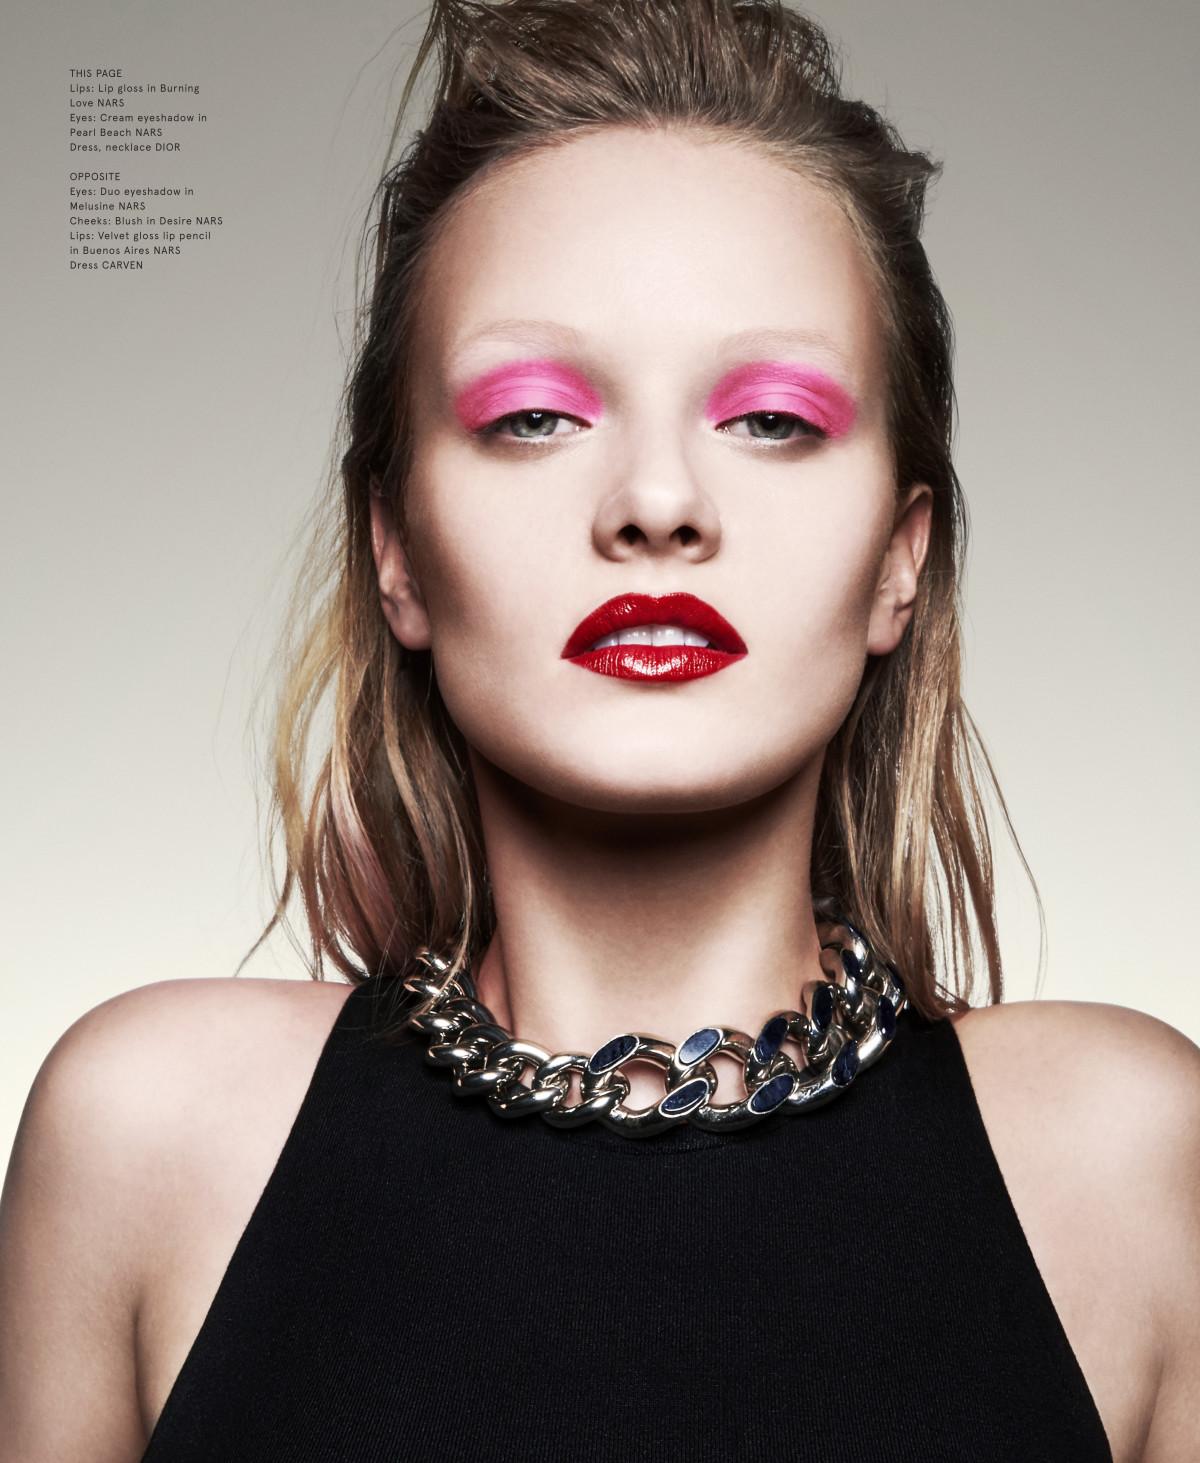 Volt Magazine, Lip Gloss, Burgendy Lips, Pink Eyeshadow, Grunge, Vivien Wysocki, Nars